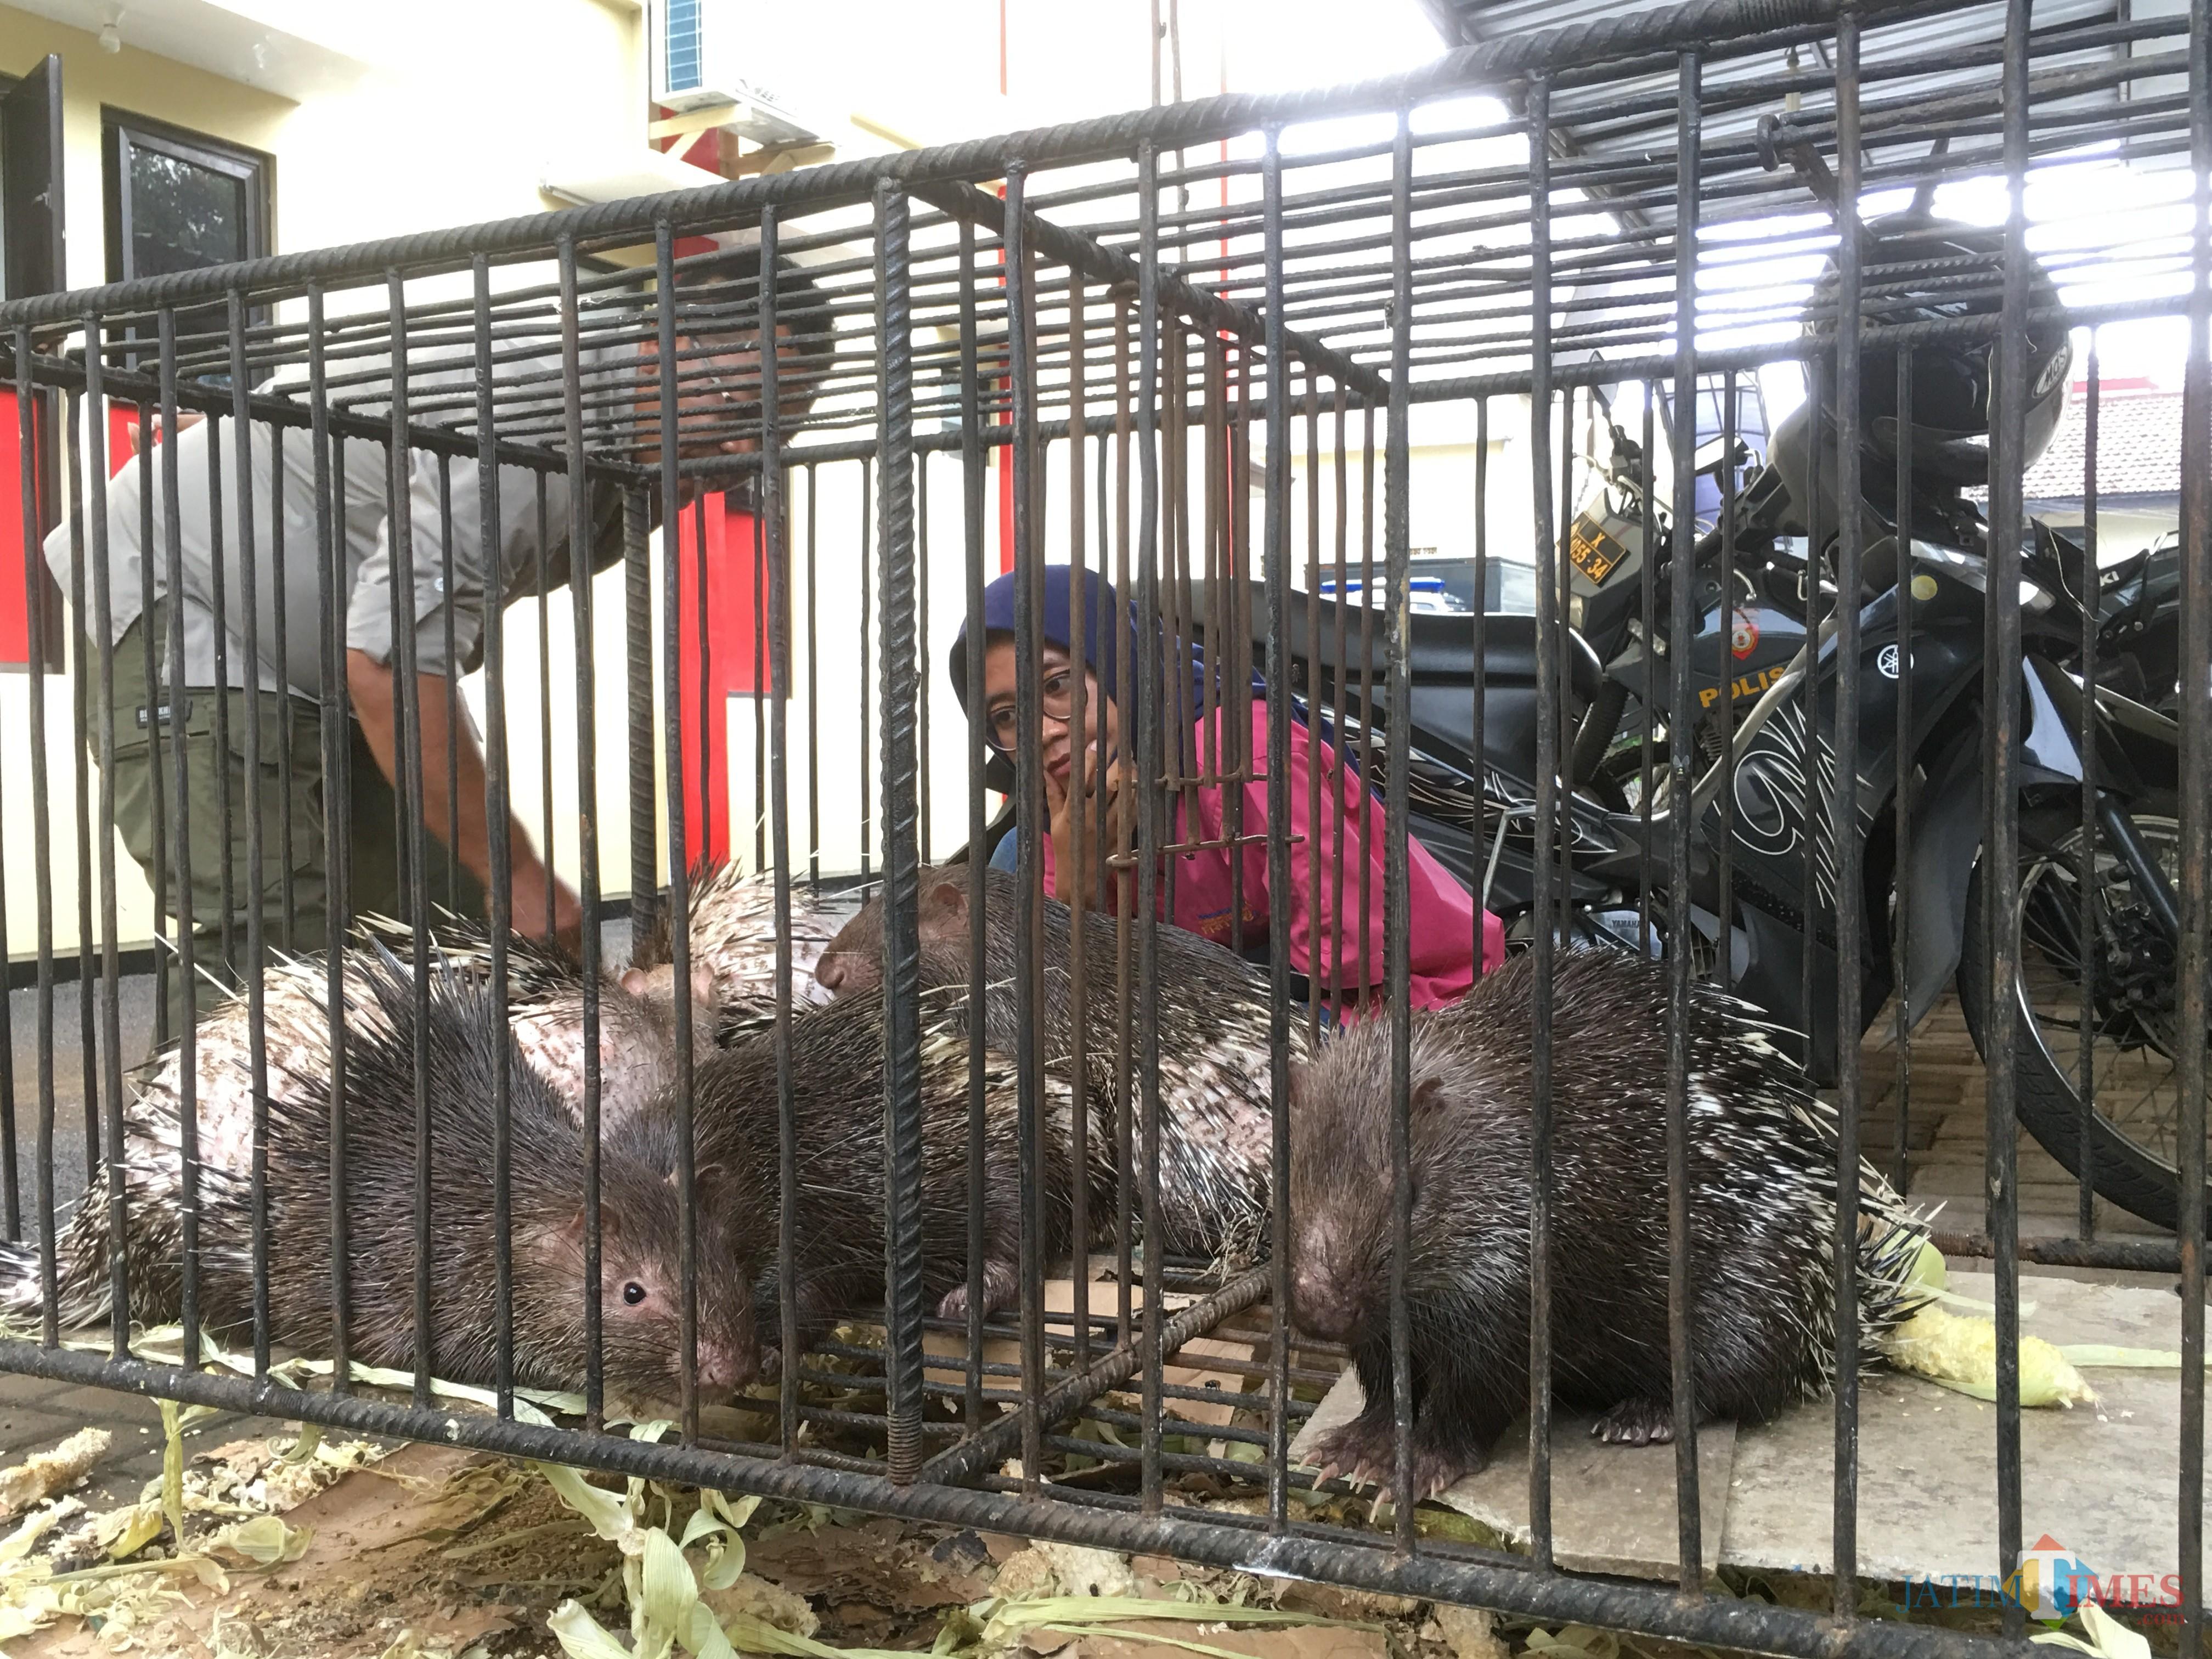 Petugas kepolisian Polres Malang beserta tim dokter hewan dan BKSDA Malang saat melakukan peninjauan terhadap satwa yang dilindungi berupa landak jawa, yang diamankan dari tangan dua pelaku, Kecamatan Sumbermanjing Wetan (Foto : Ashaq Lupito / Malang